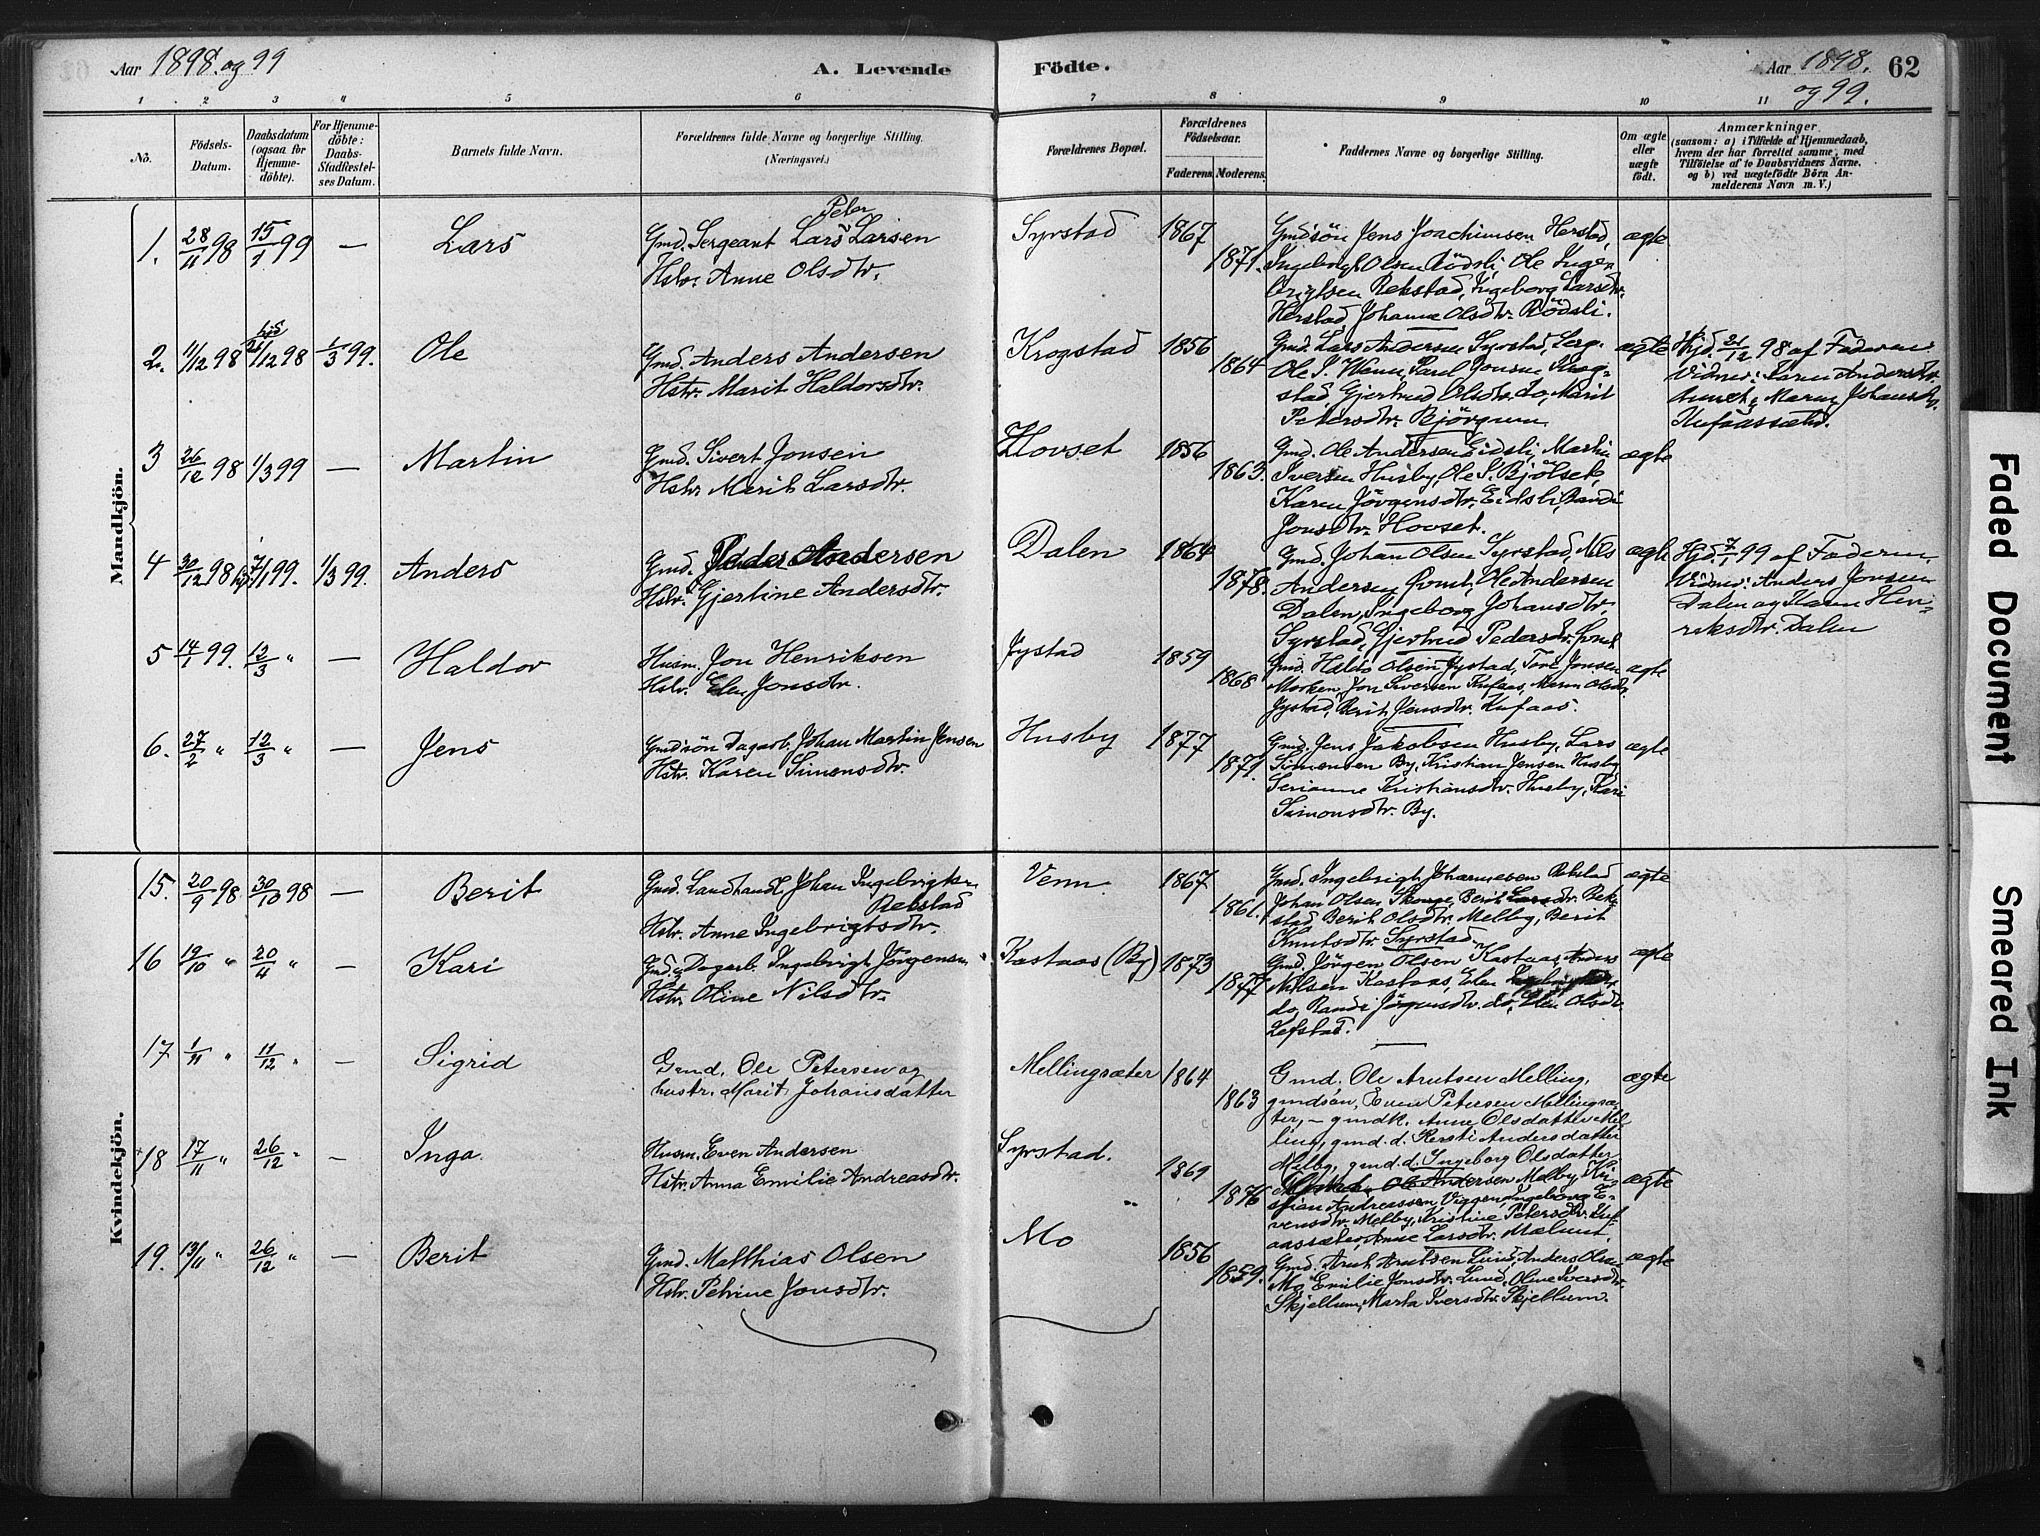 SAT, Ministerialprotokoller, klokkerbøker og fødselsregistre - Sør-Trøndelag, 667/L0795: Ministerialbok nr. 667A03, 1879-1907, s. 62